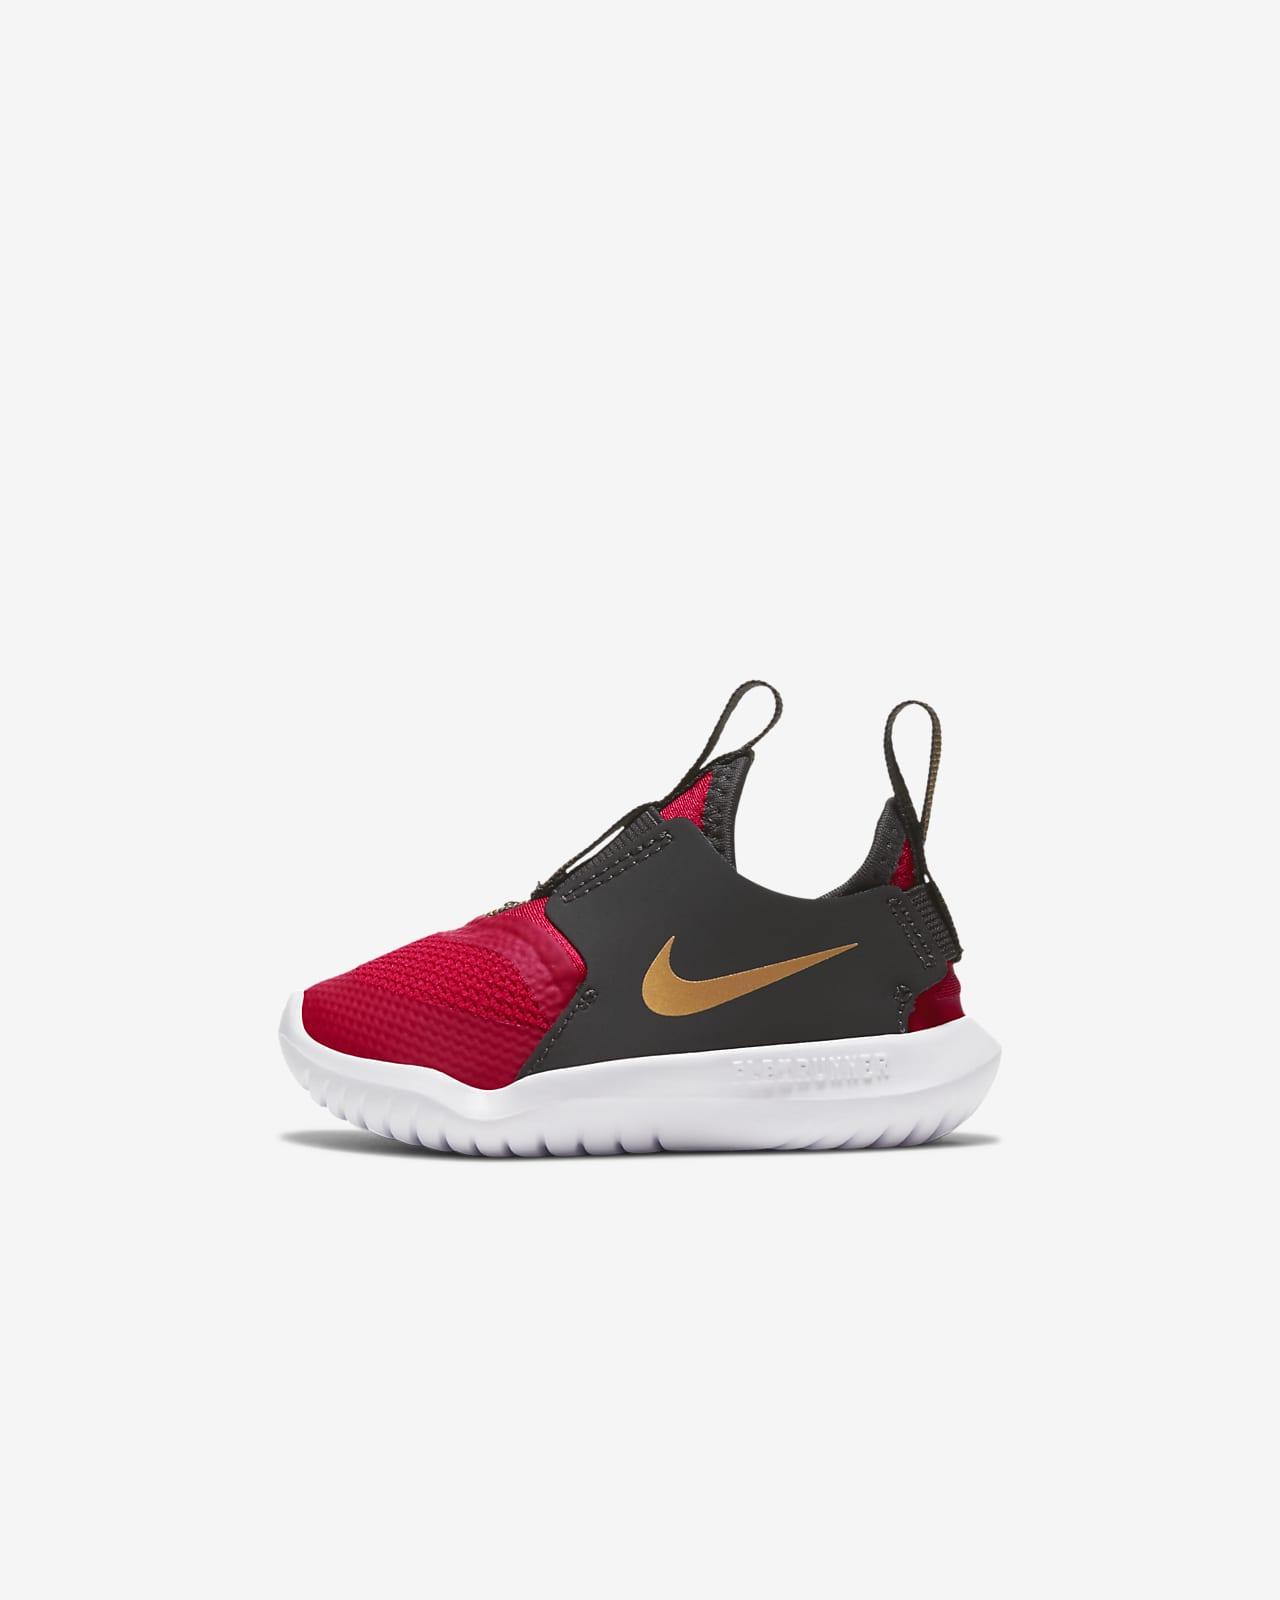 Nike Flex Runner Baby & Toddler Shoe